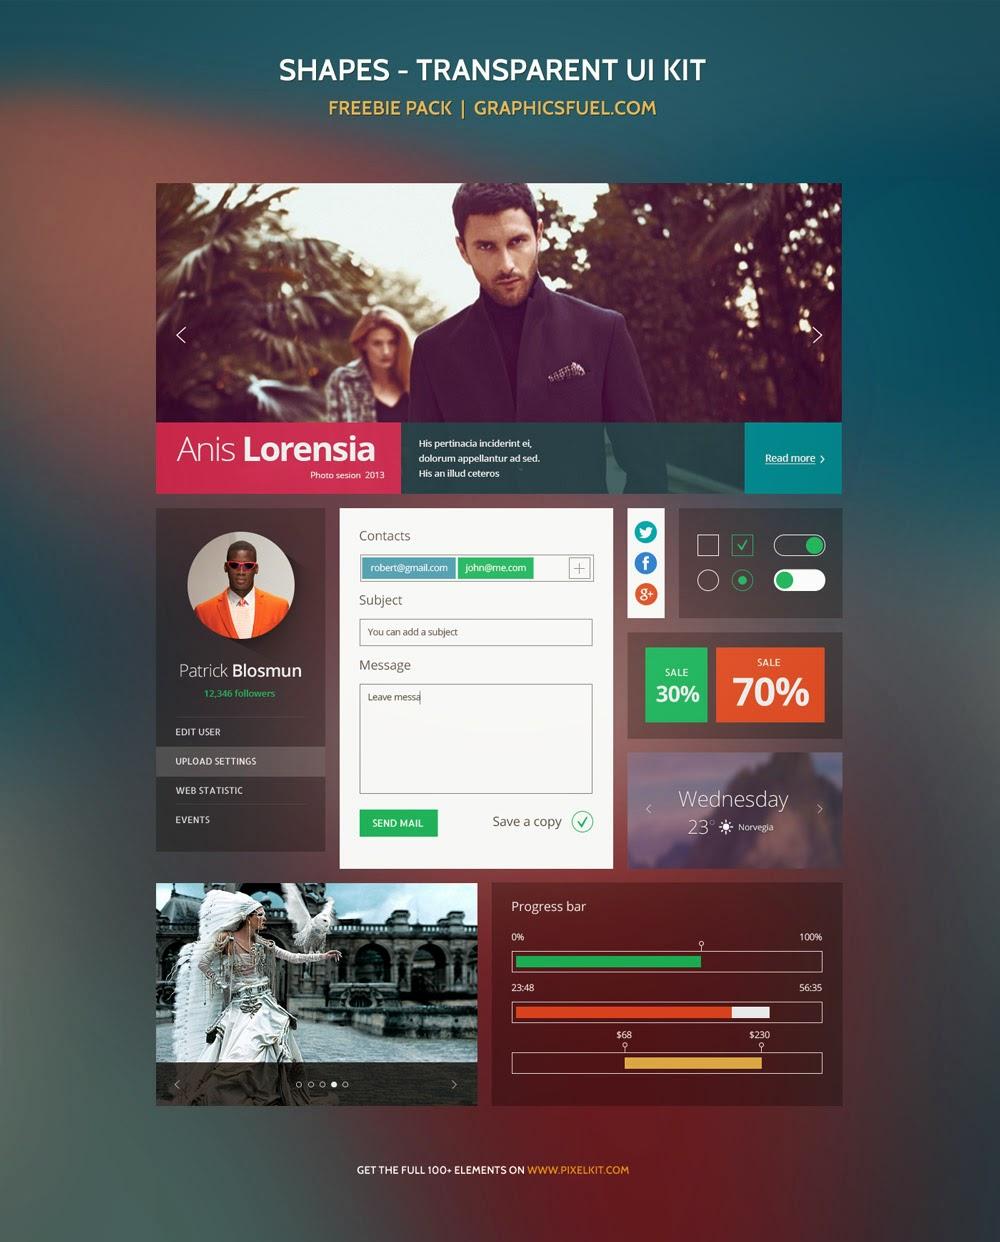 Transparent UI Kit PSD